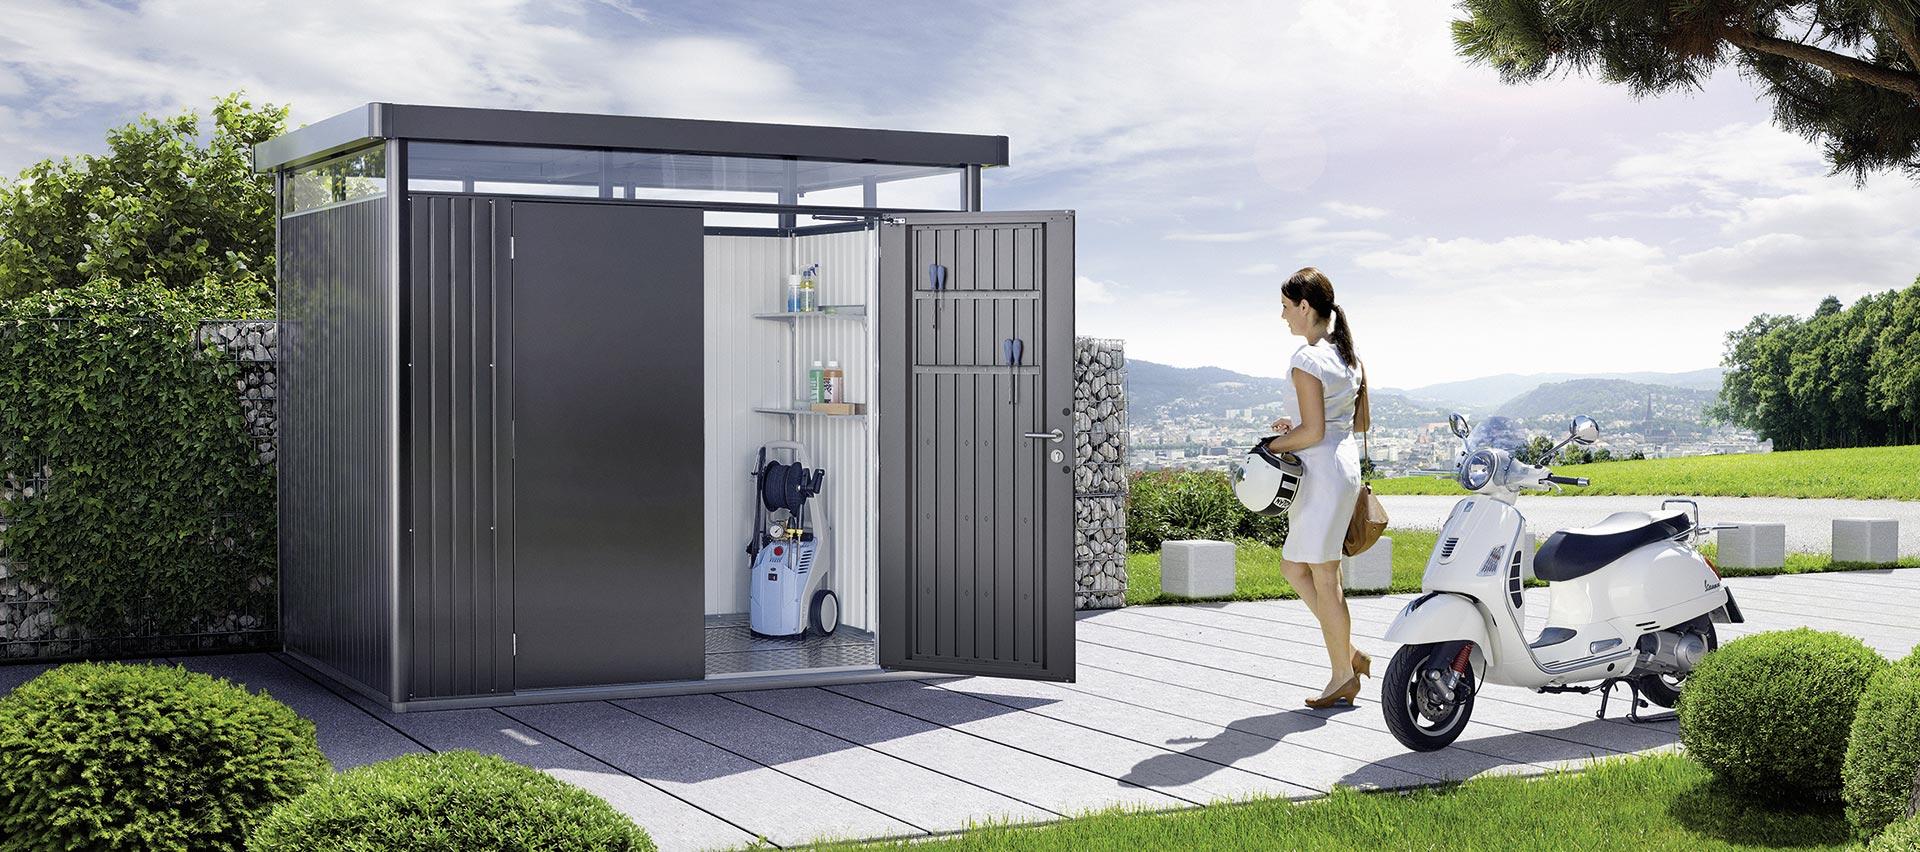 Gartenhäuser Metall von Holz-Hauff in Leingarten